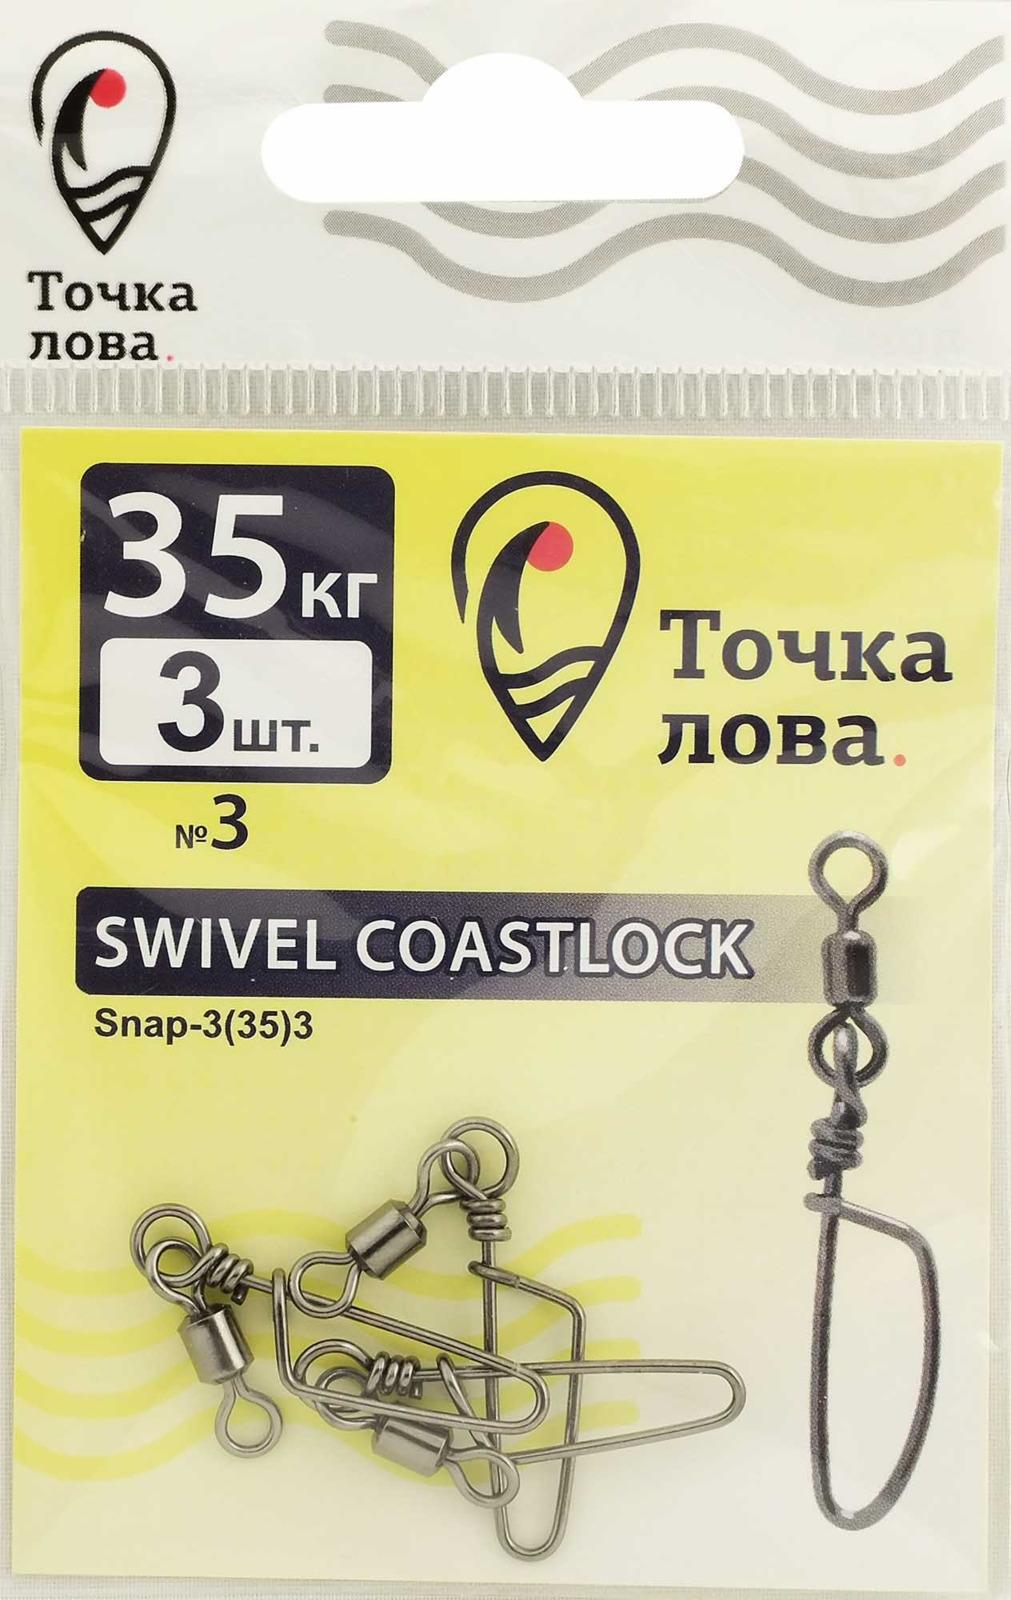 Аксессуар для рыбалки Точка Лова Застежка, с вертлюгом, Snap-3(35), 3 шт